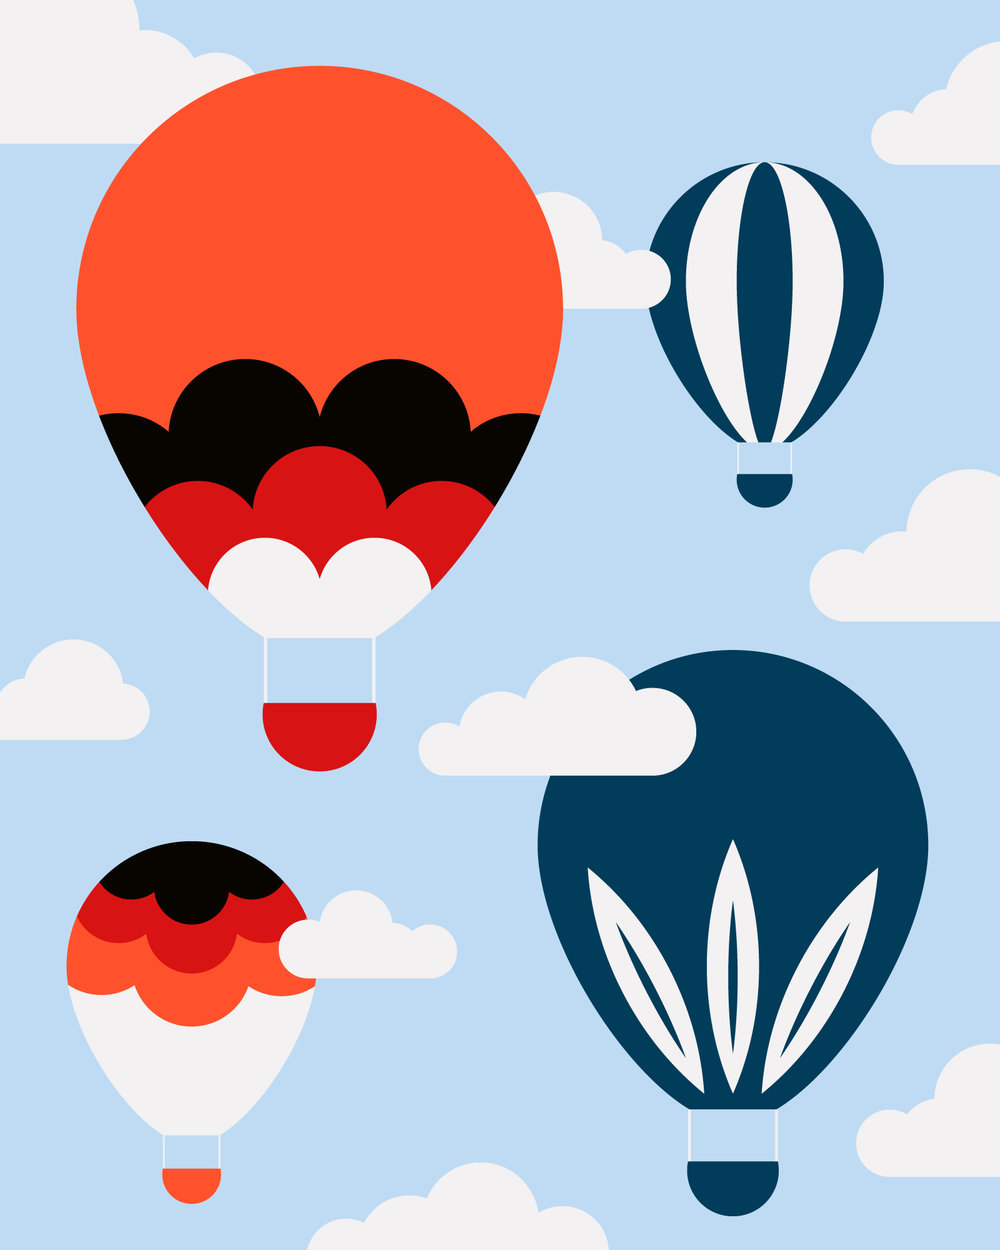 Hot Air Balloons by Lindsay Santiago